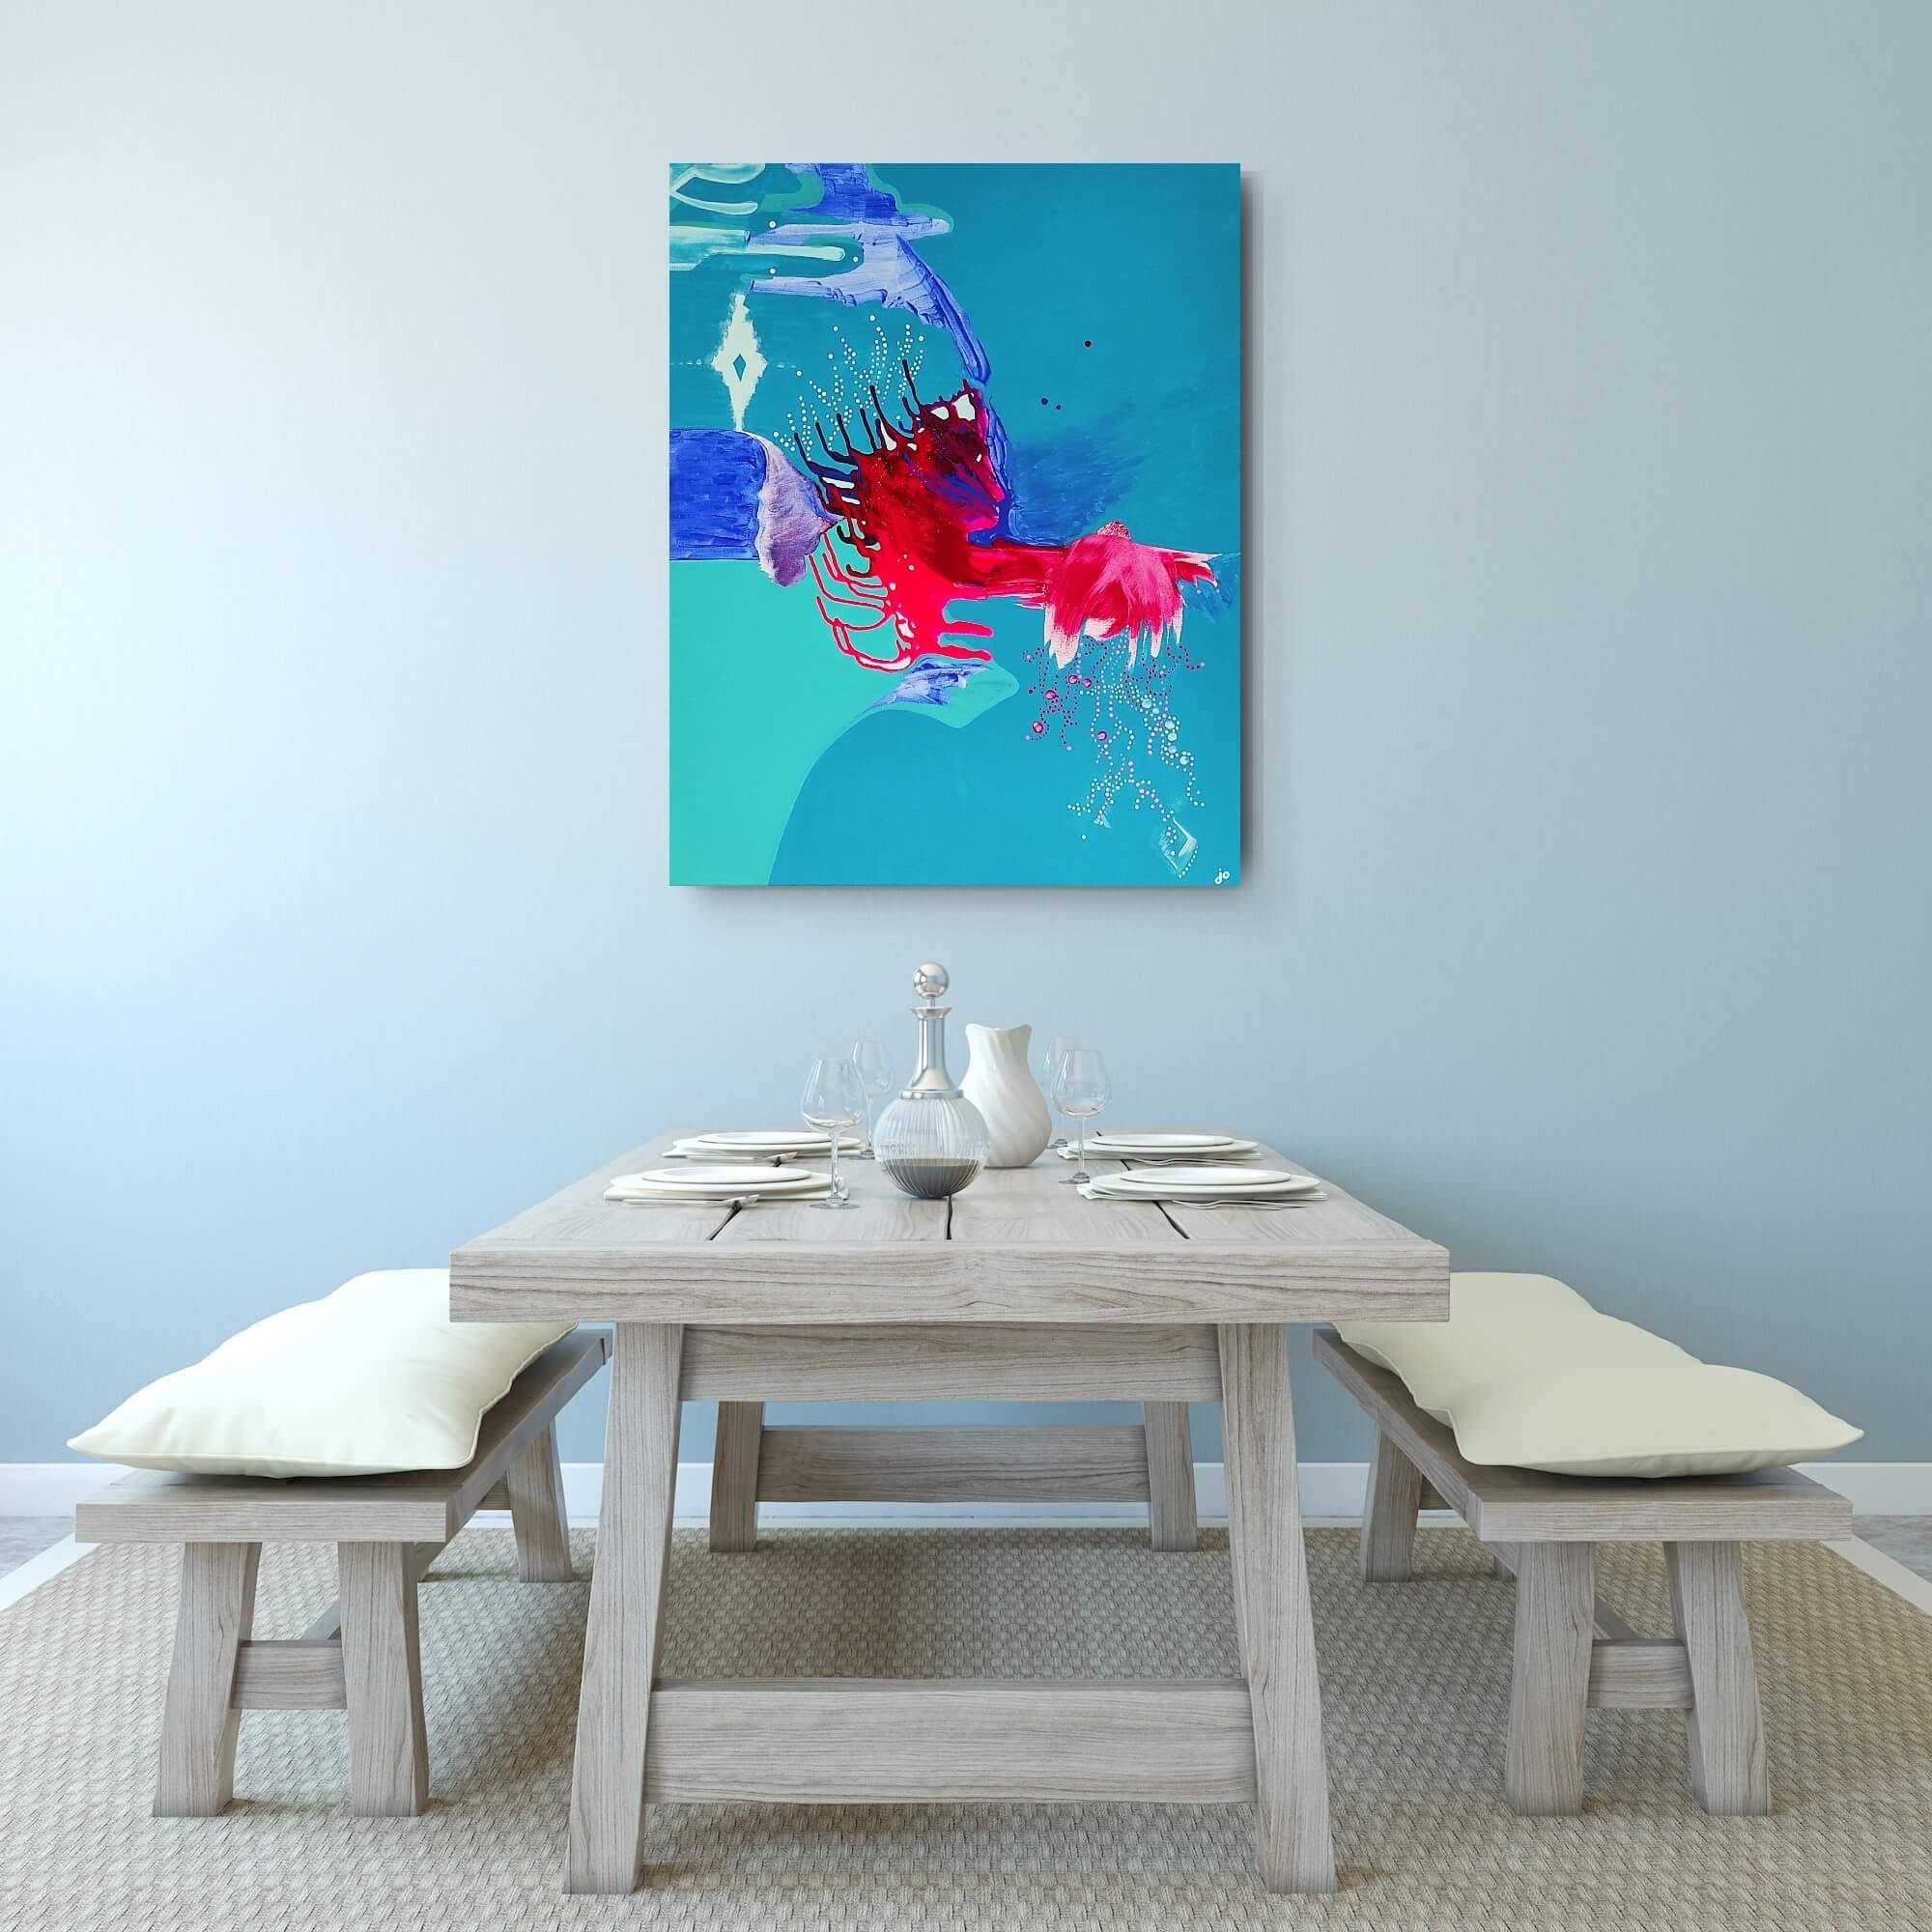 2021 art, sztuka na sprzedaż, oryginalne, aranżacja wnętrz, awangarda, kolor, piękne pomieszczenie, oryginalny wystrój, artystycznie, urządzamy mieszkanie, w domu najlepiej, do salonu